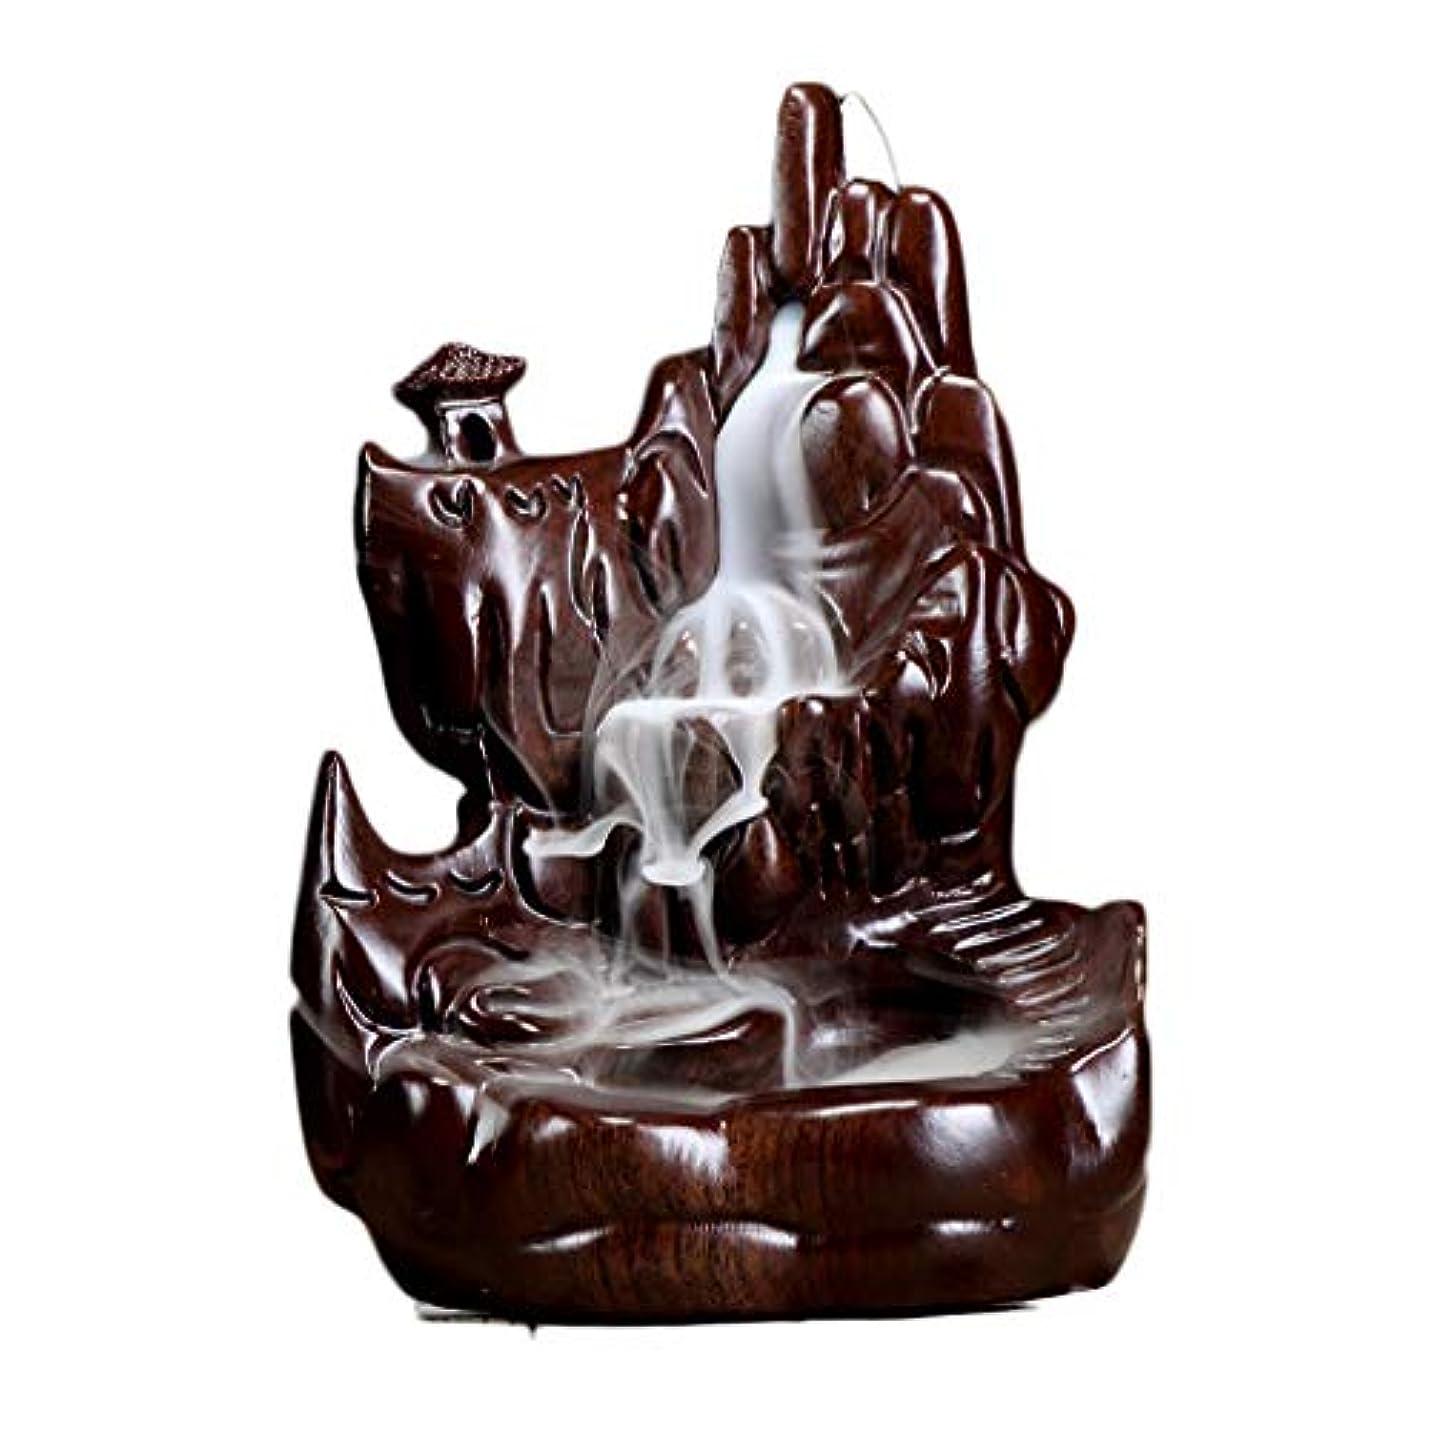 ホームアロマバーナー 逆流の香り現代中国の香炉仏の部屋の香炉の黒檀の木材香の香炉アロマセラピー炉 アロマバーナー (Color : Black and ebony)